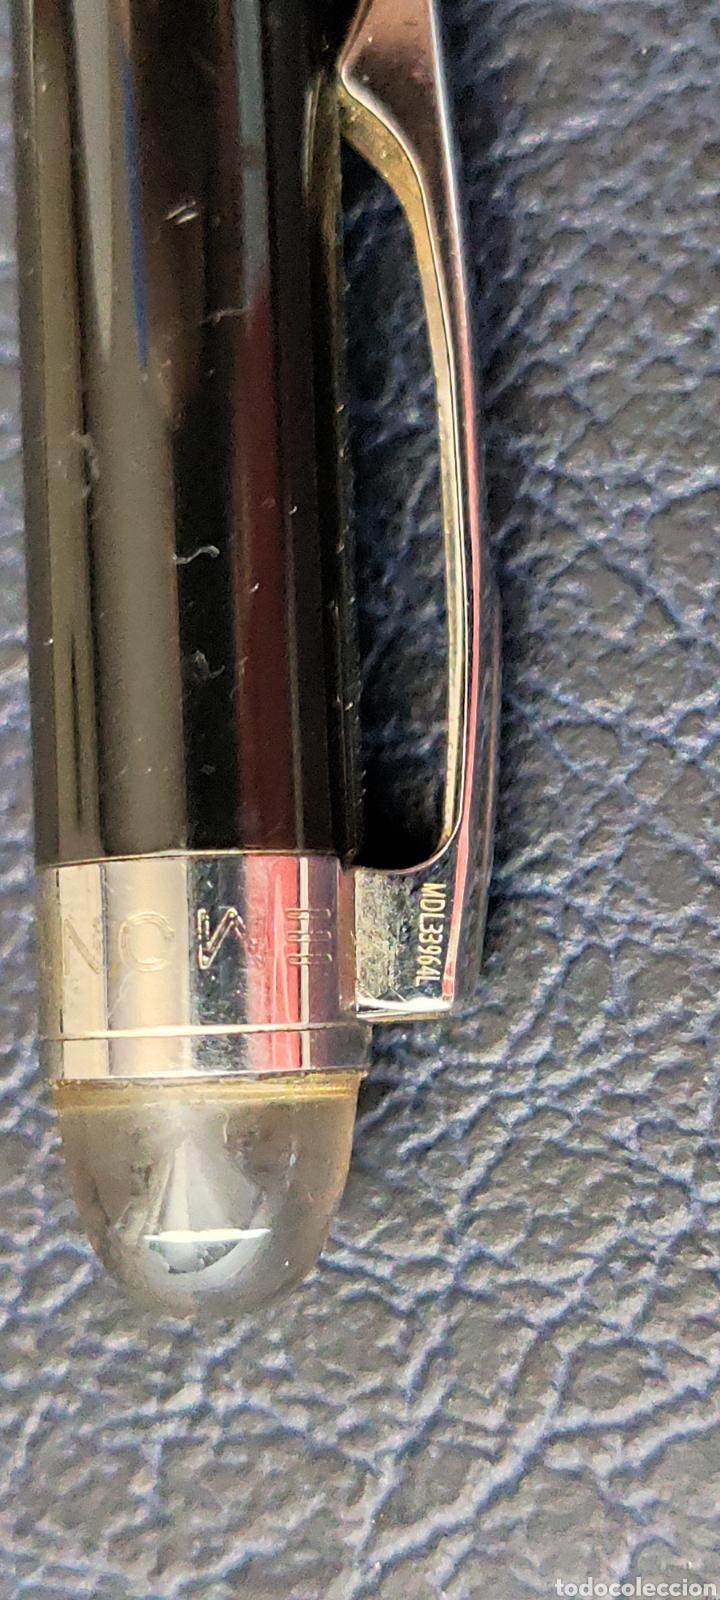 Plumas estilográficas antiguas: Bolígrafo montblanc starwalker resina con número serie escribe - Foto 11 - 253533855